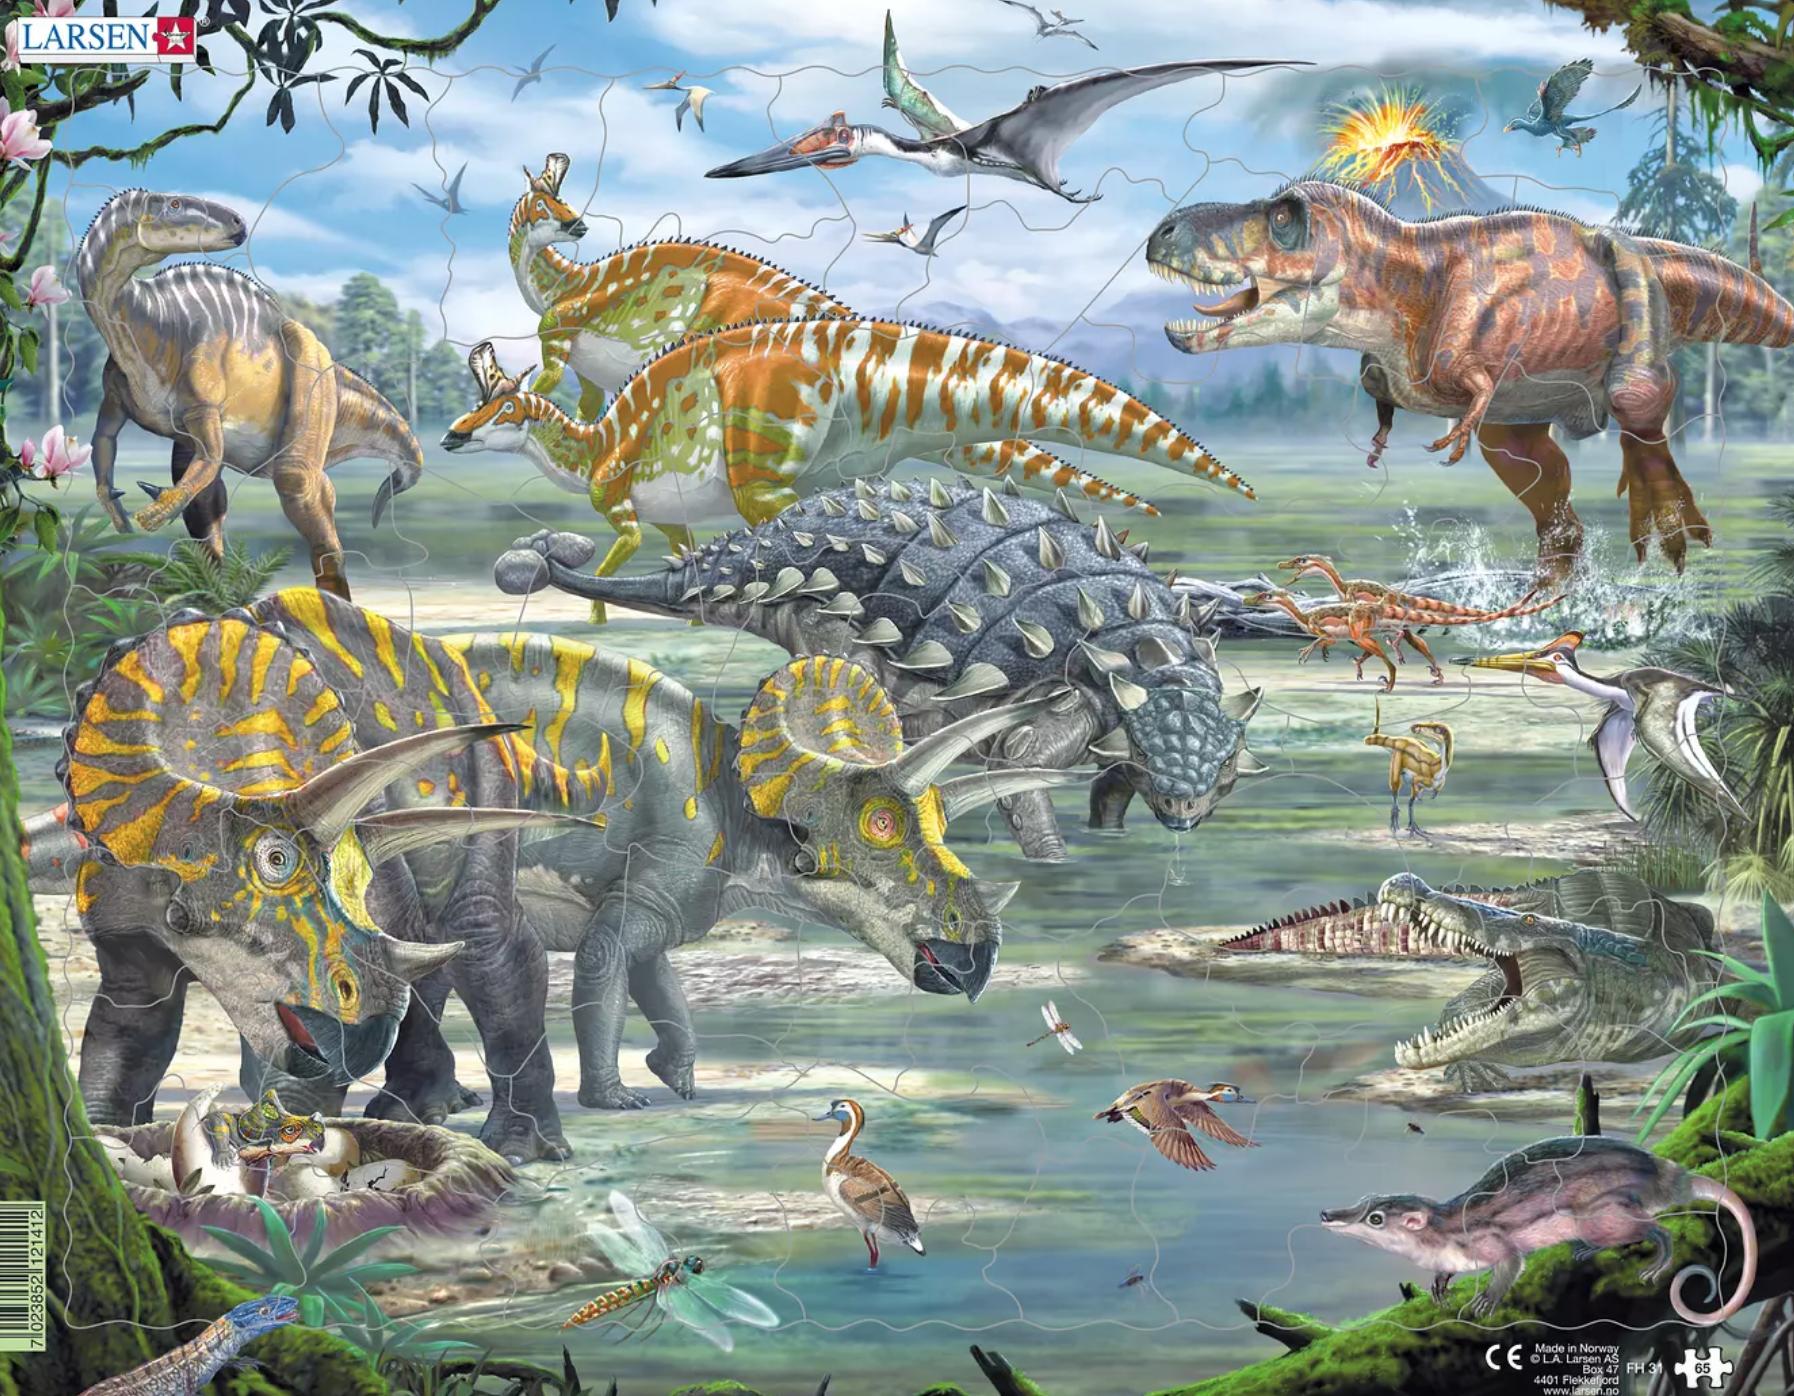 Puzzle Dinossauros - Larsen